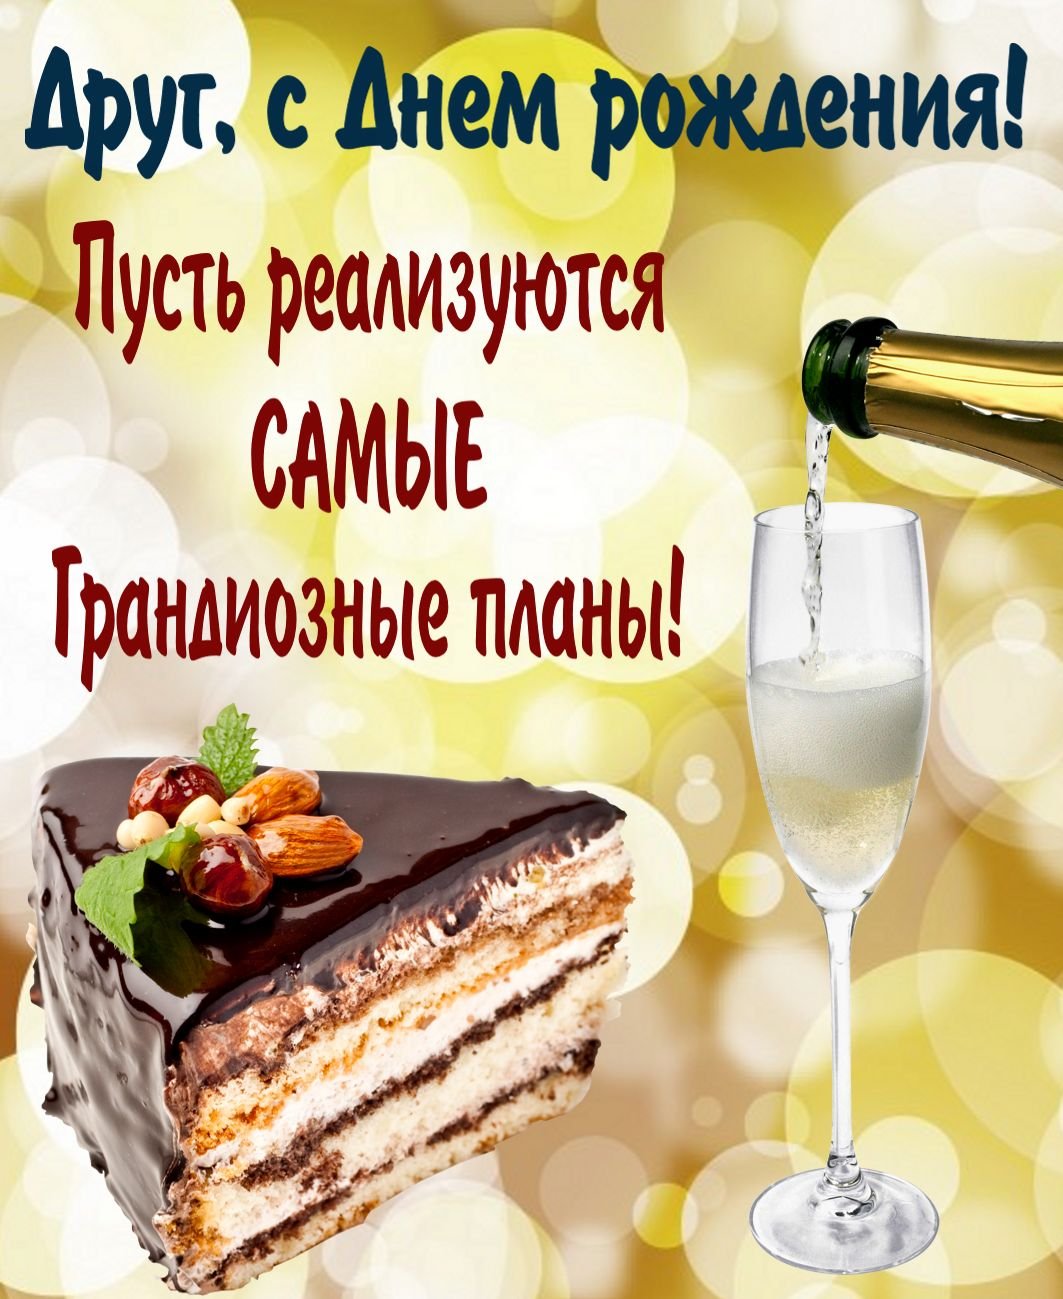 Поздравления с днем рождения адель мужчина поддерживаете